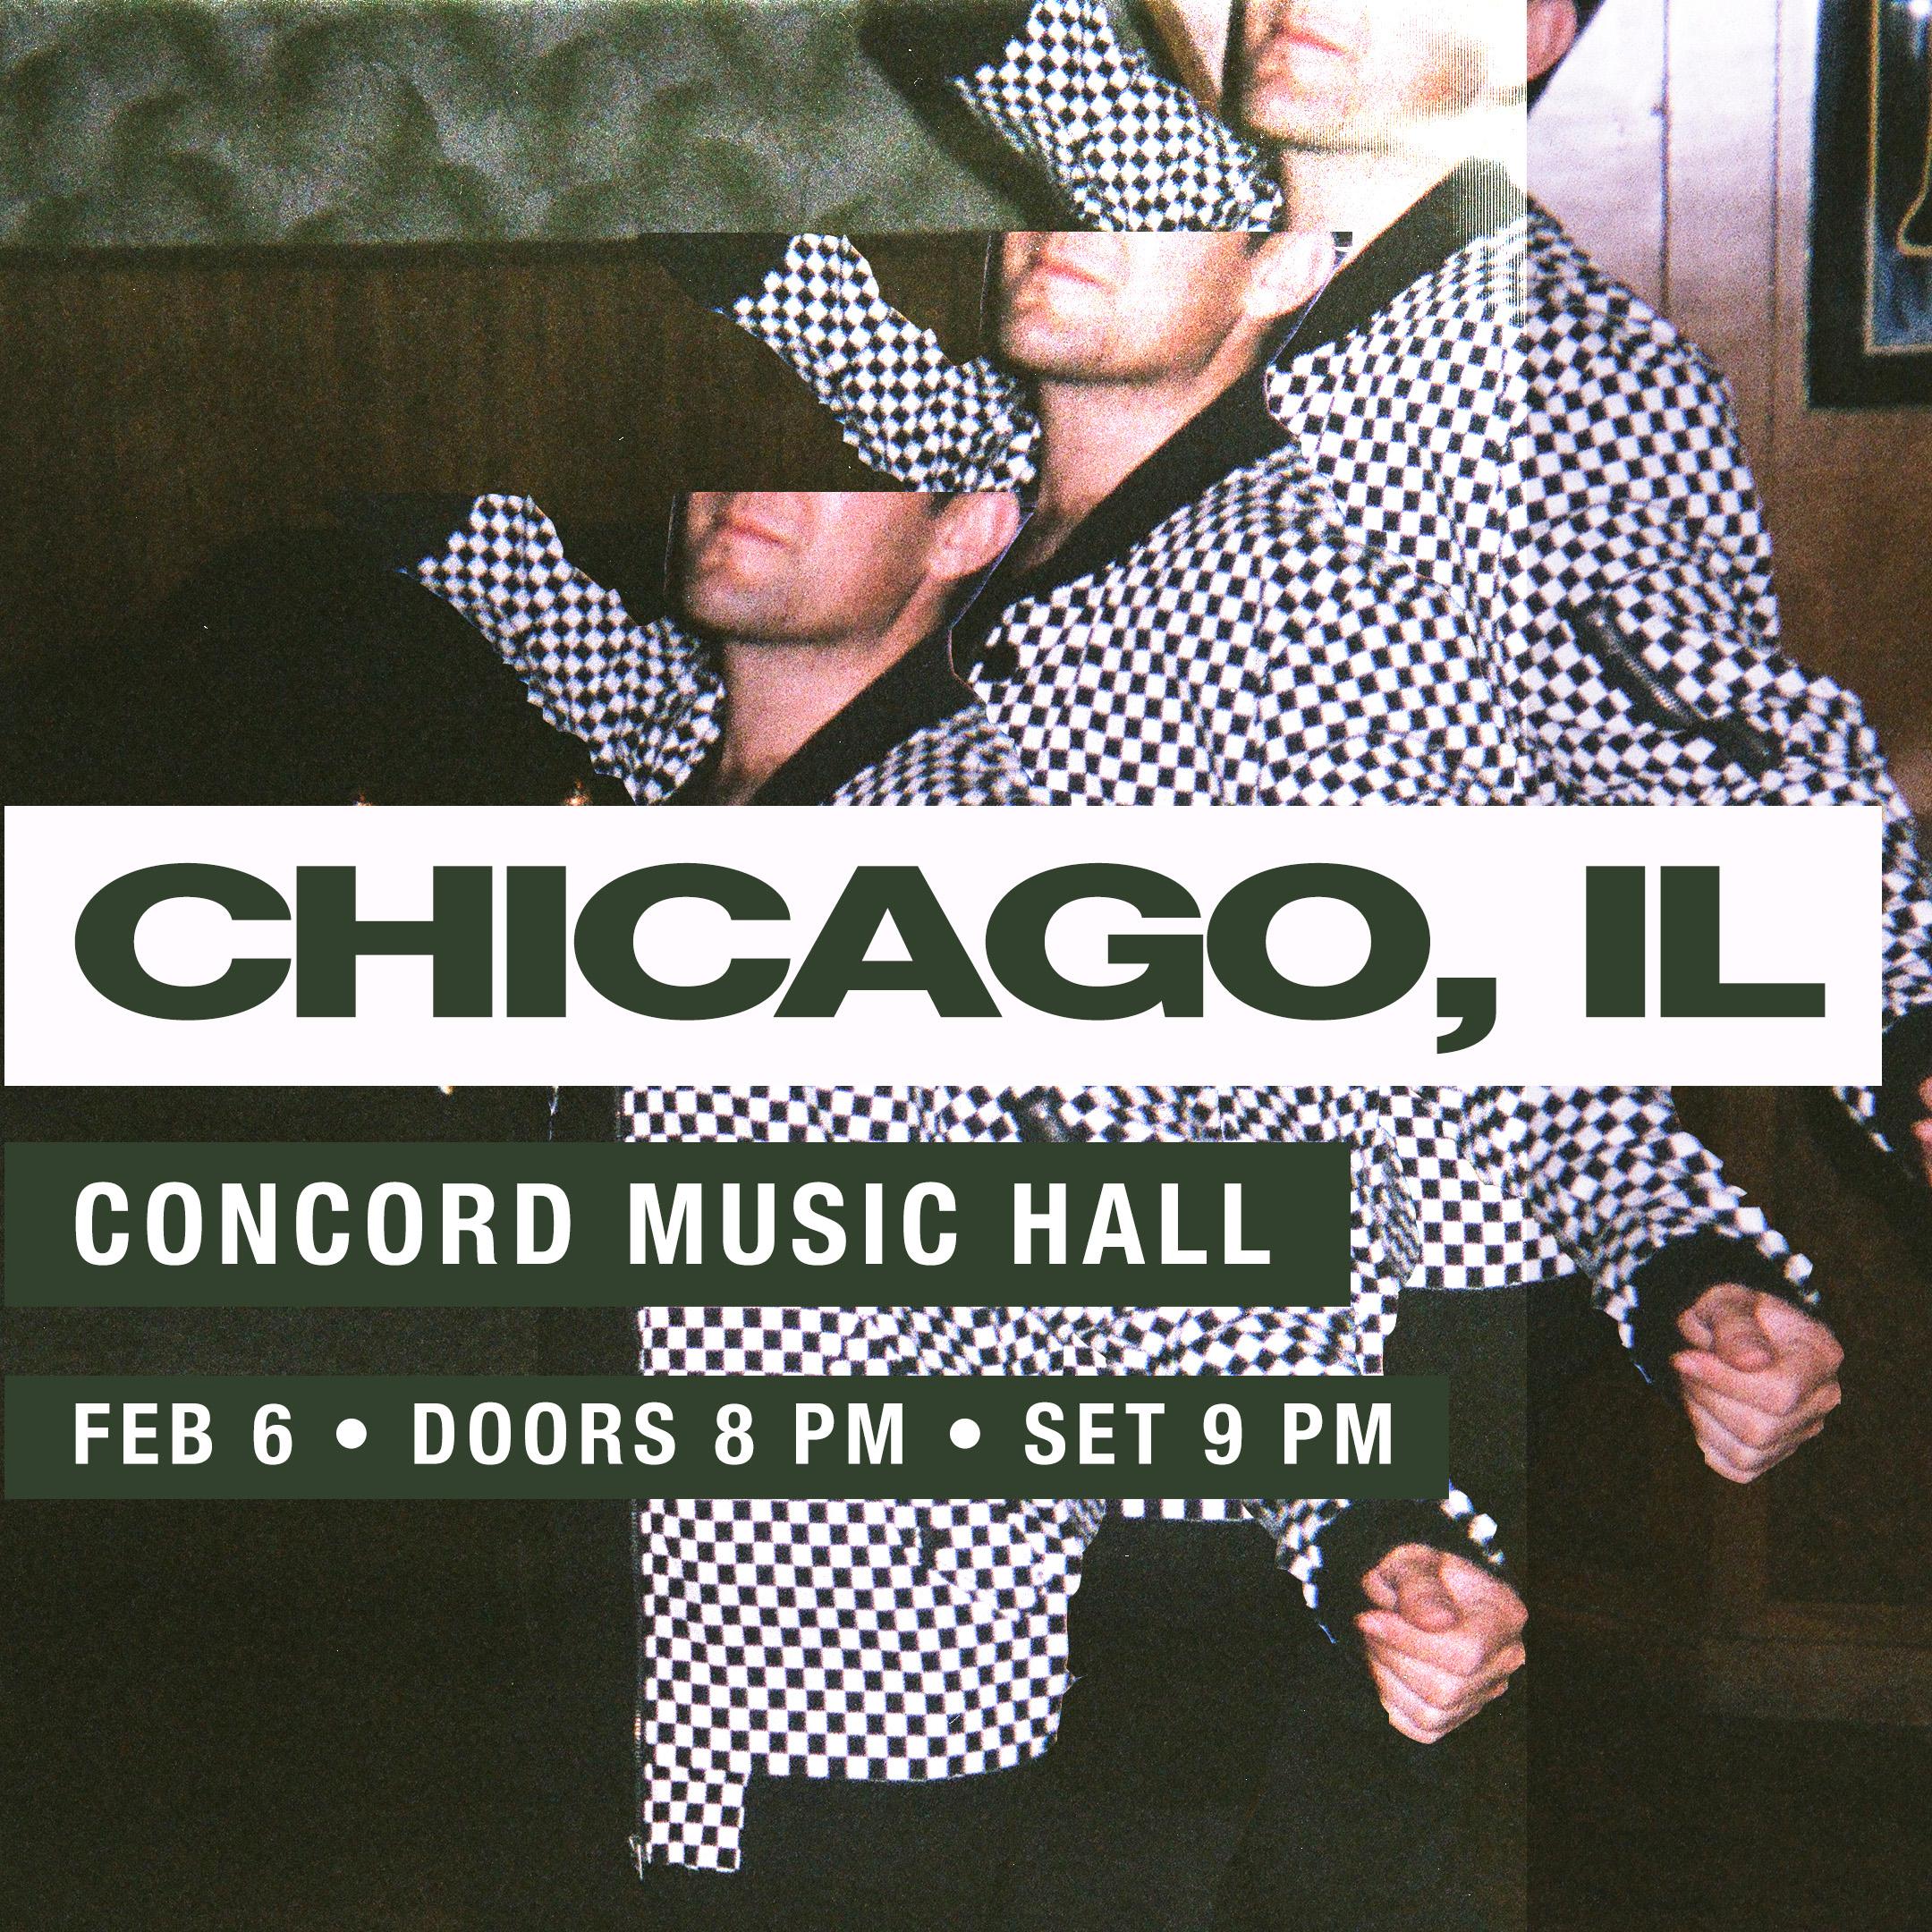 2019-2-6 morgxn chicago.jpg